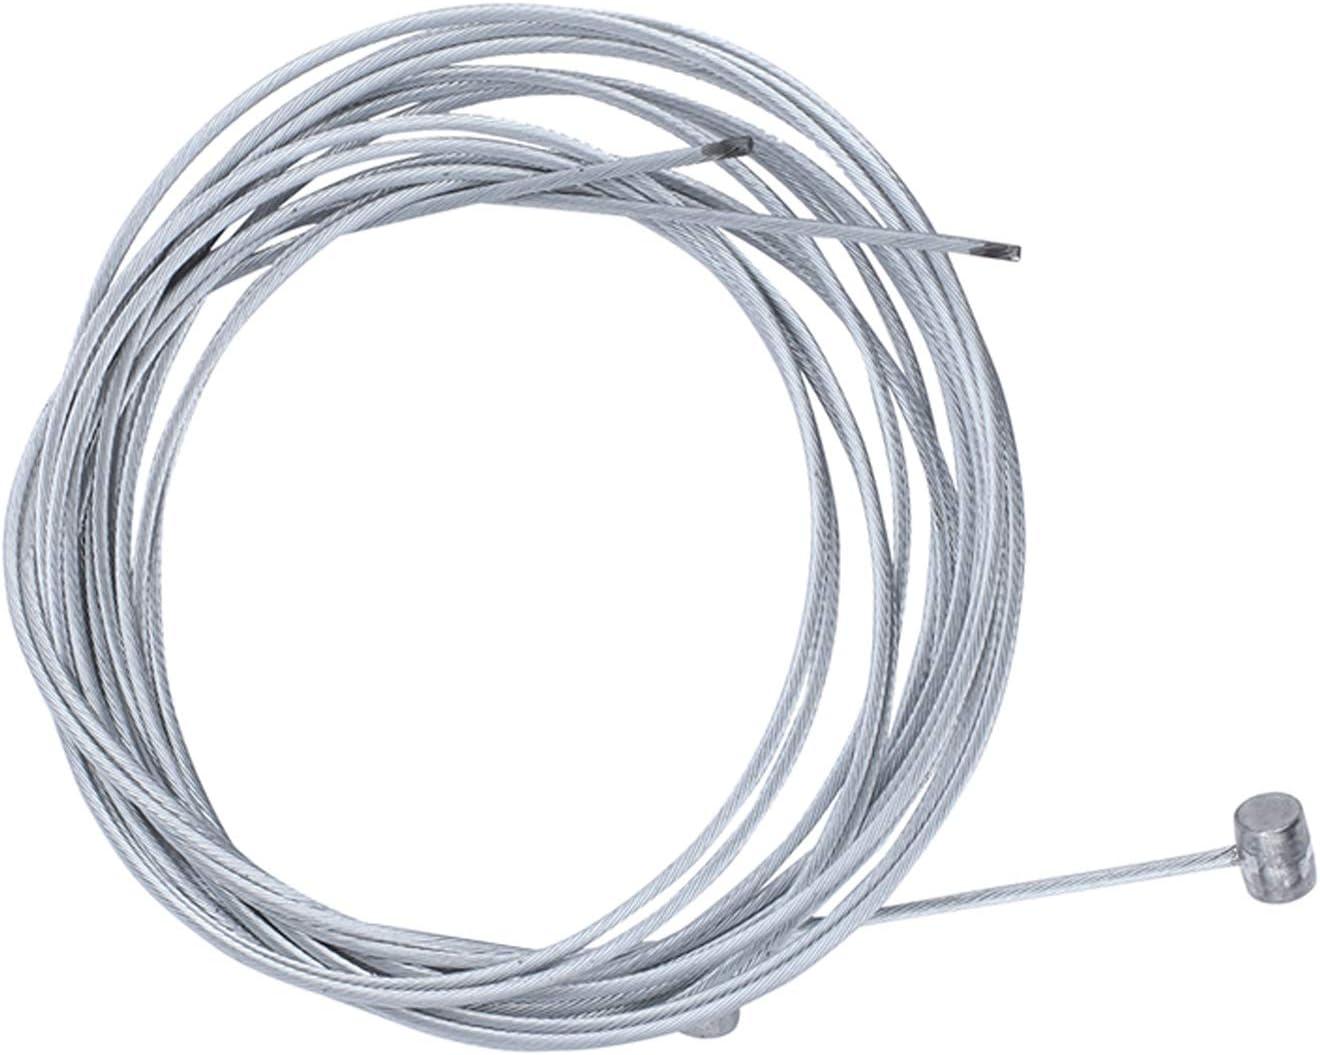 REFURBISHHOUSE Cable de Freno de Bicicletas Delantero Trasero 2 ...